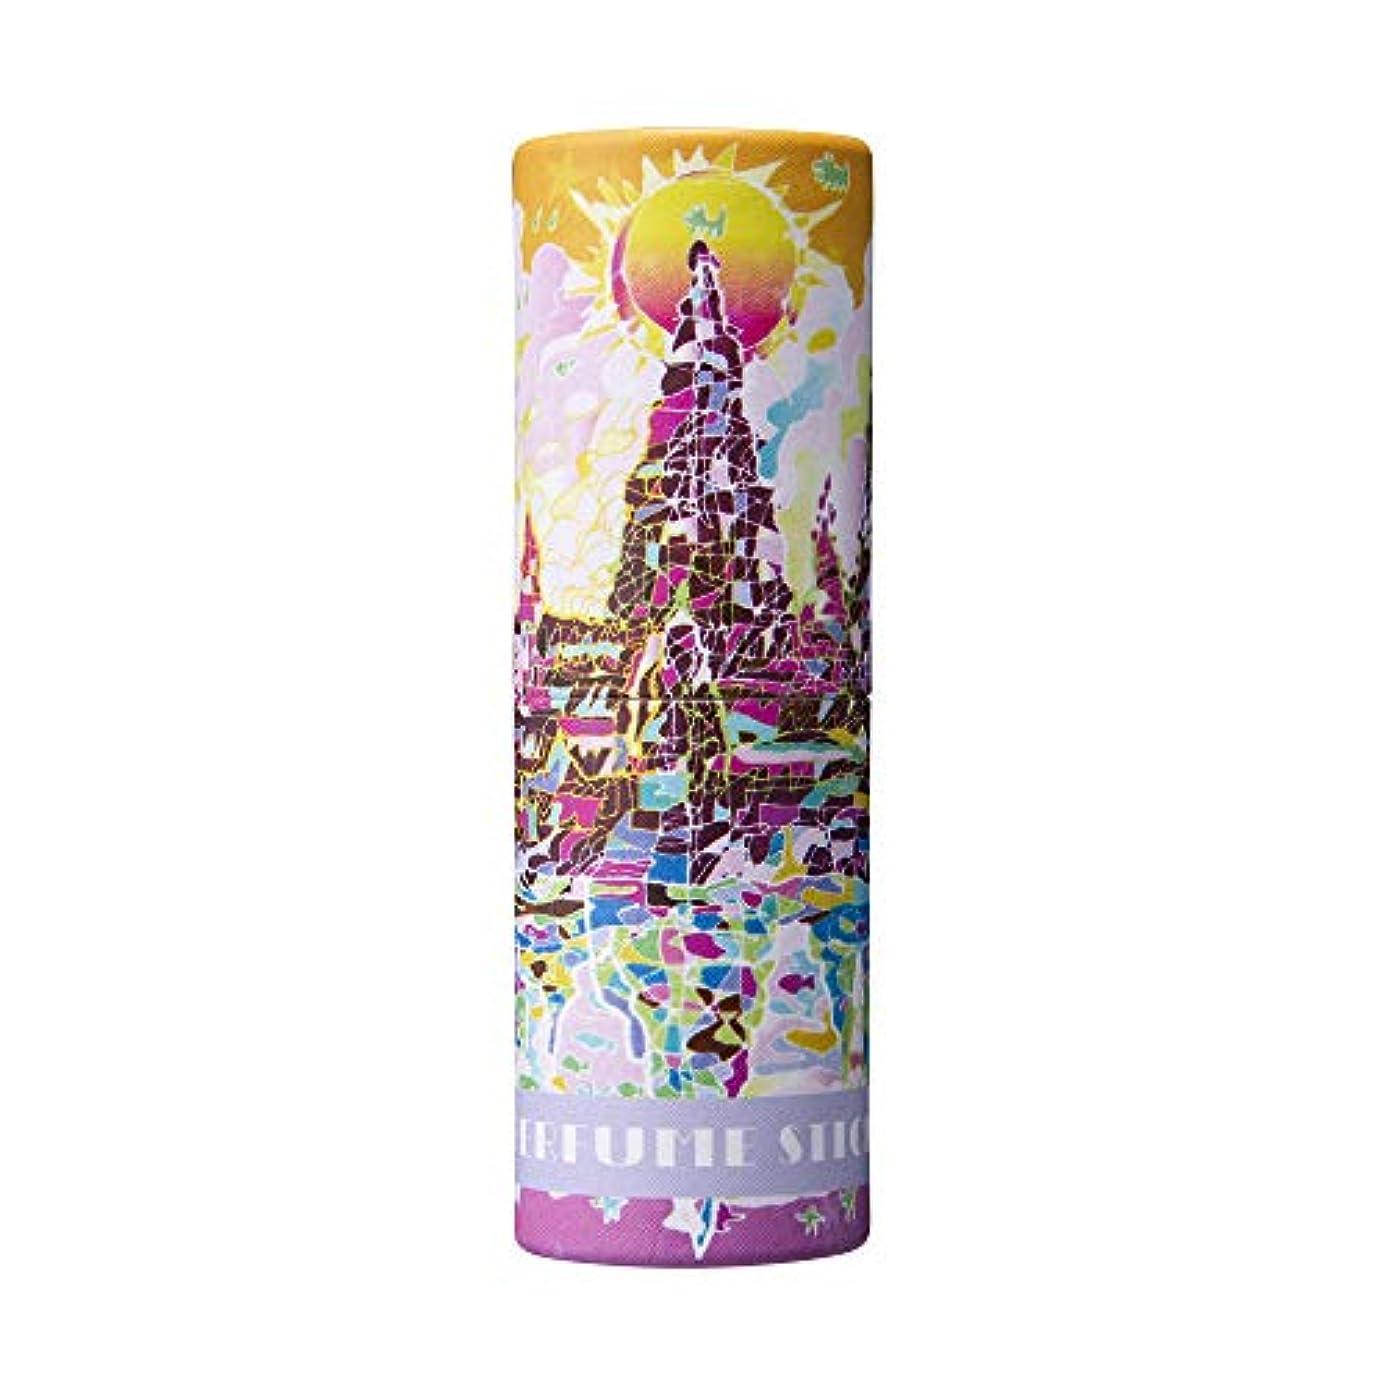 プロット髄悪意パフュームスティック ドリーム ペア&ピーチの香り 世界遺産デザイン 5g